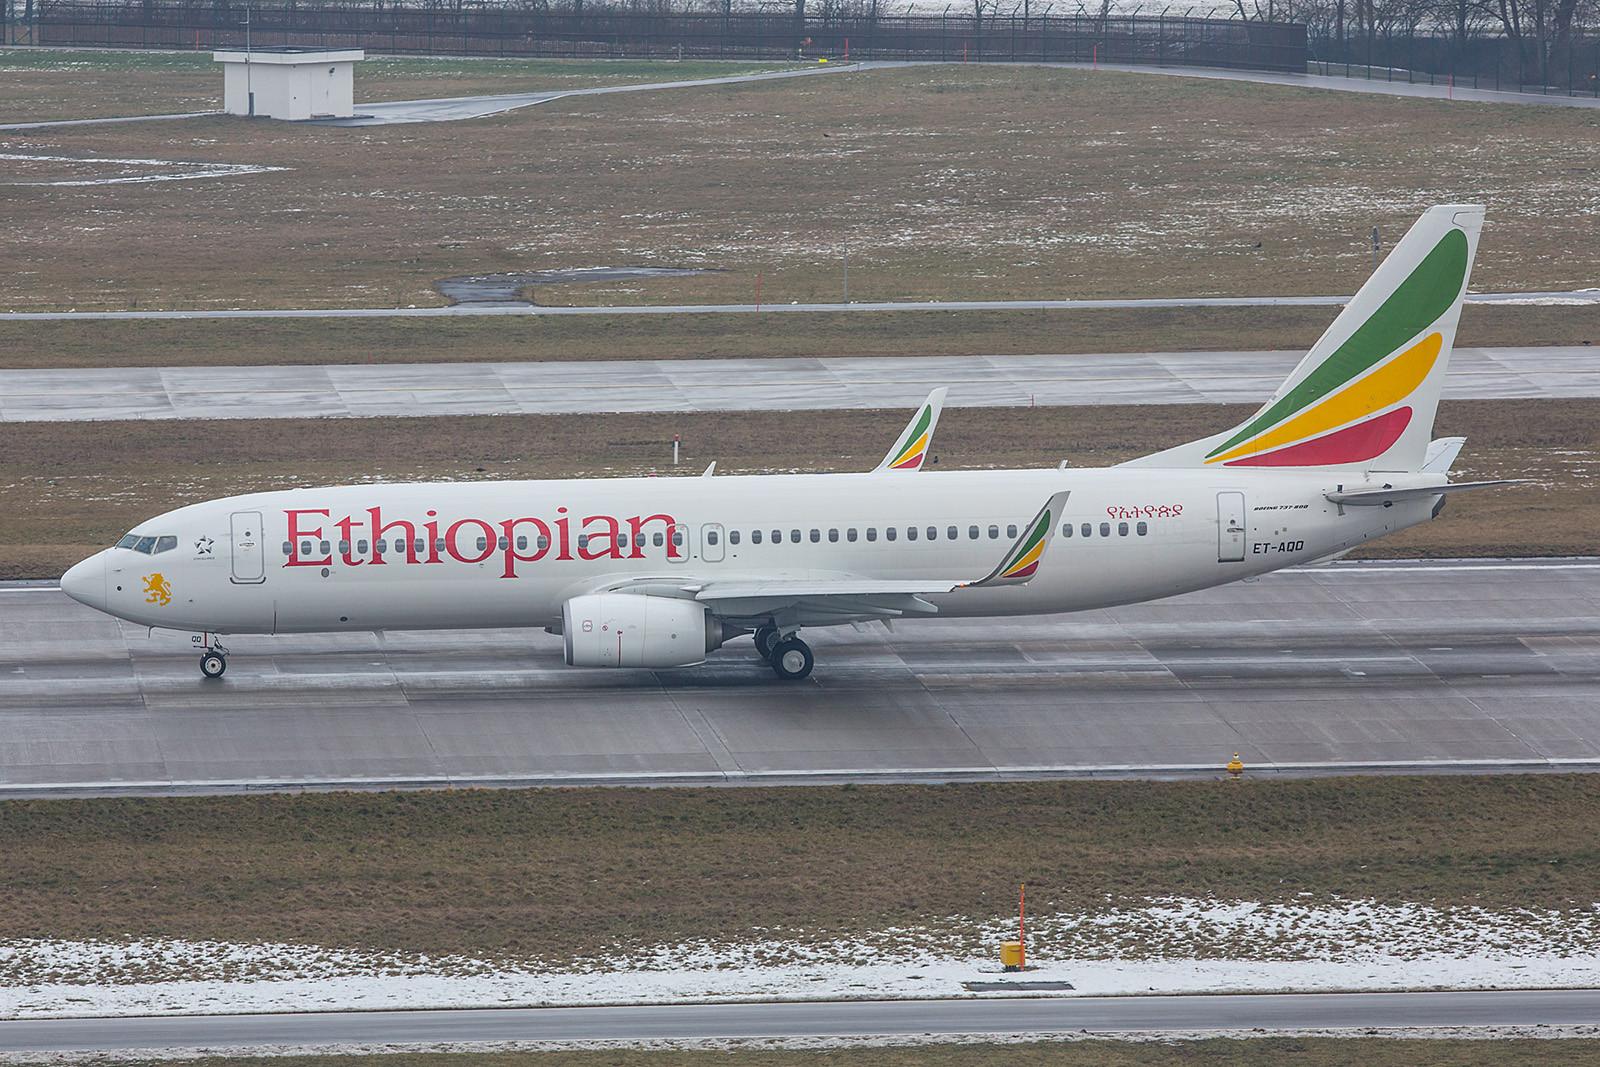 Die Delegation aus Äthiopian nutzte eine Boeing 737-860W der Ethiopian Airlines.